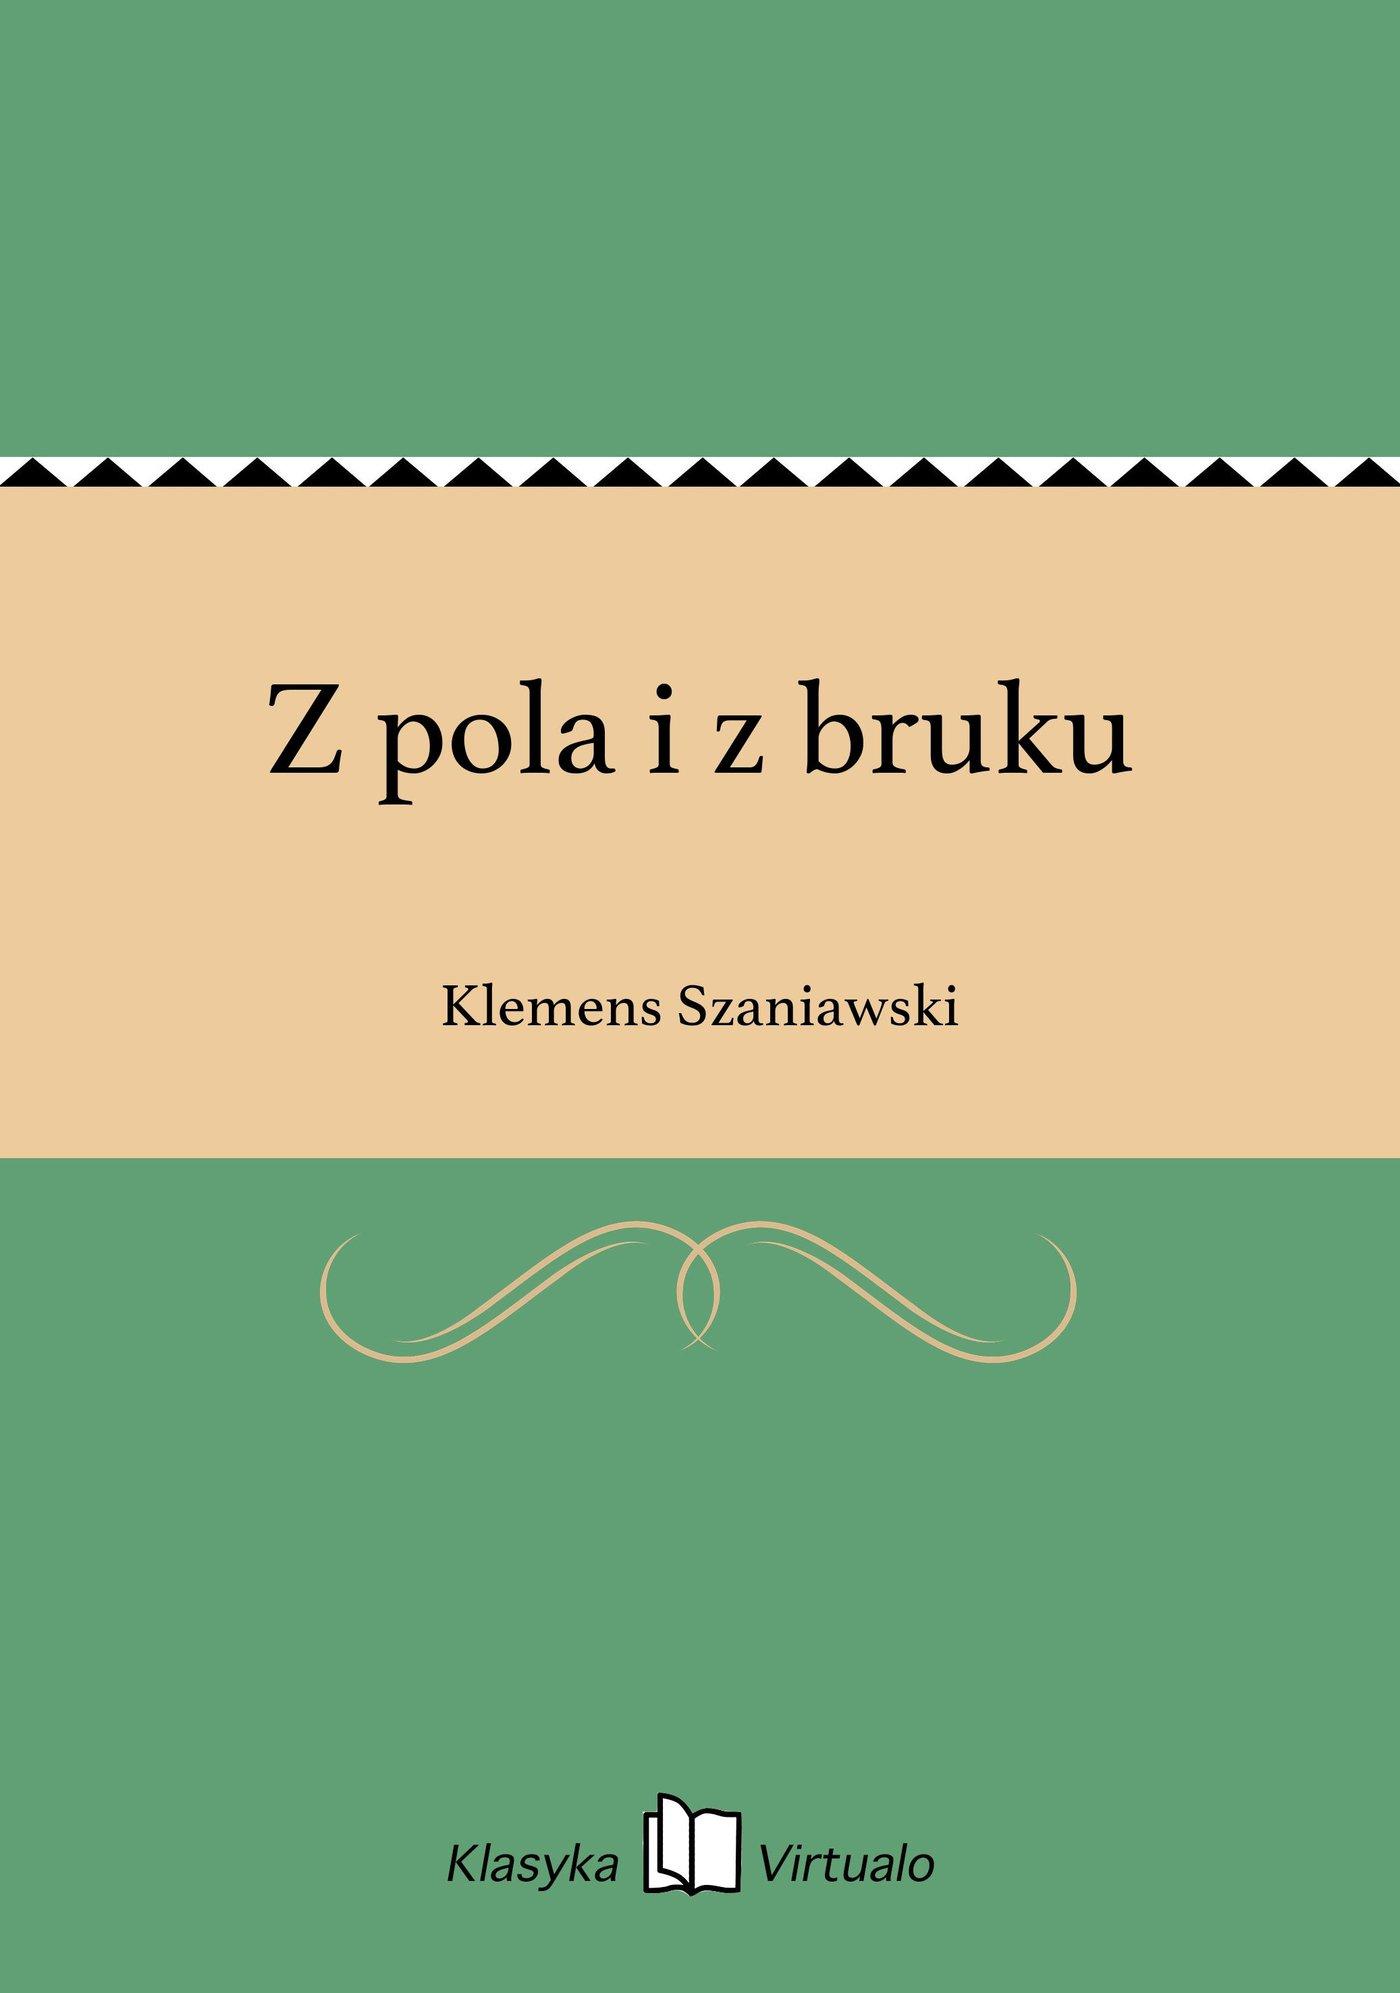 Z pola i z bruku - Ebook (Książka EPUB) do pobrania w formacie EPUB